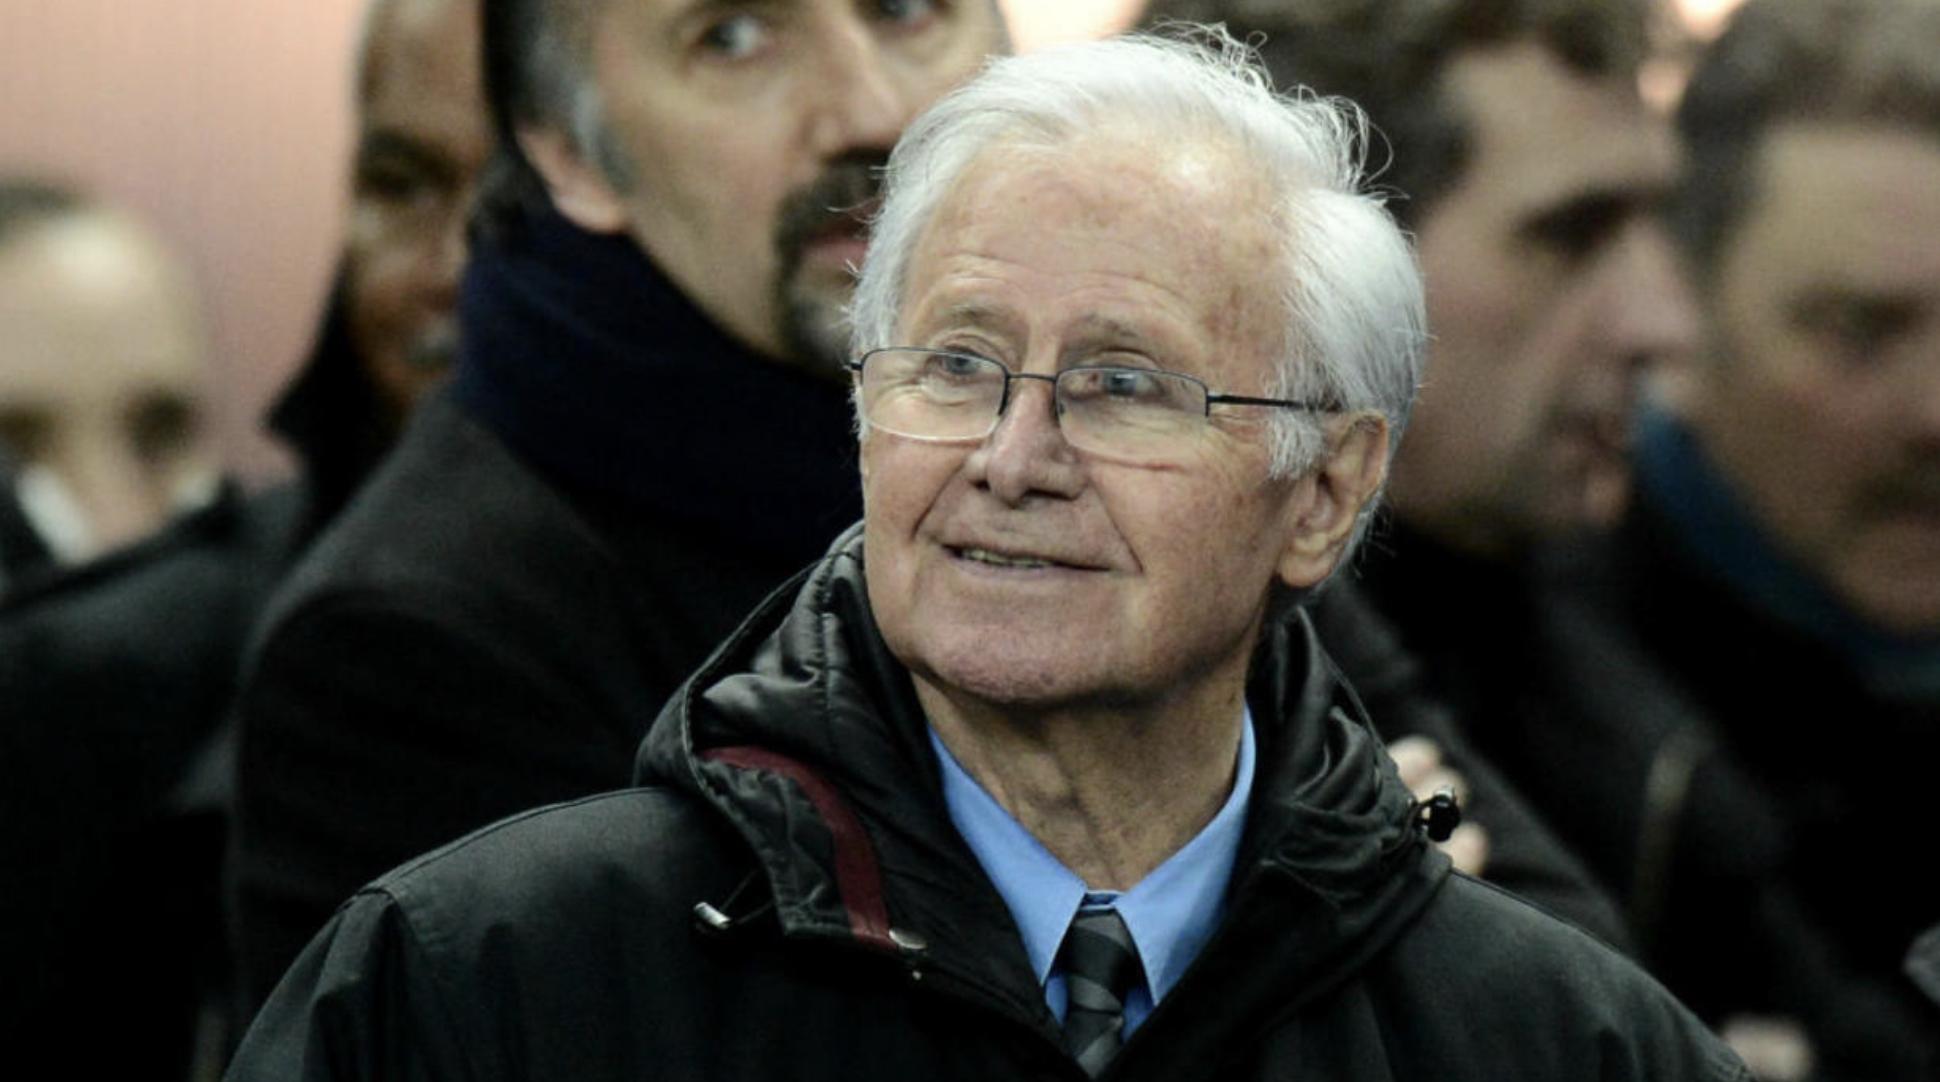 Michel Hidalgo, emblématique sélectionneur de l'équipe de France de football, est mort